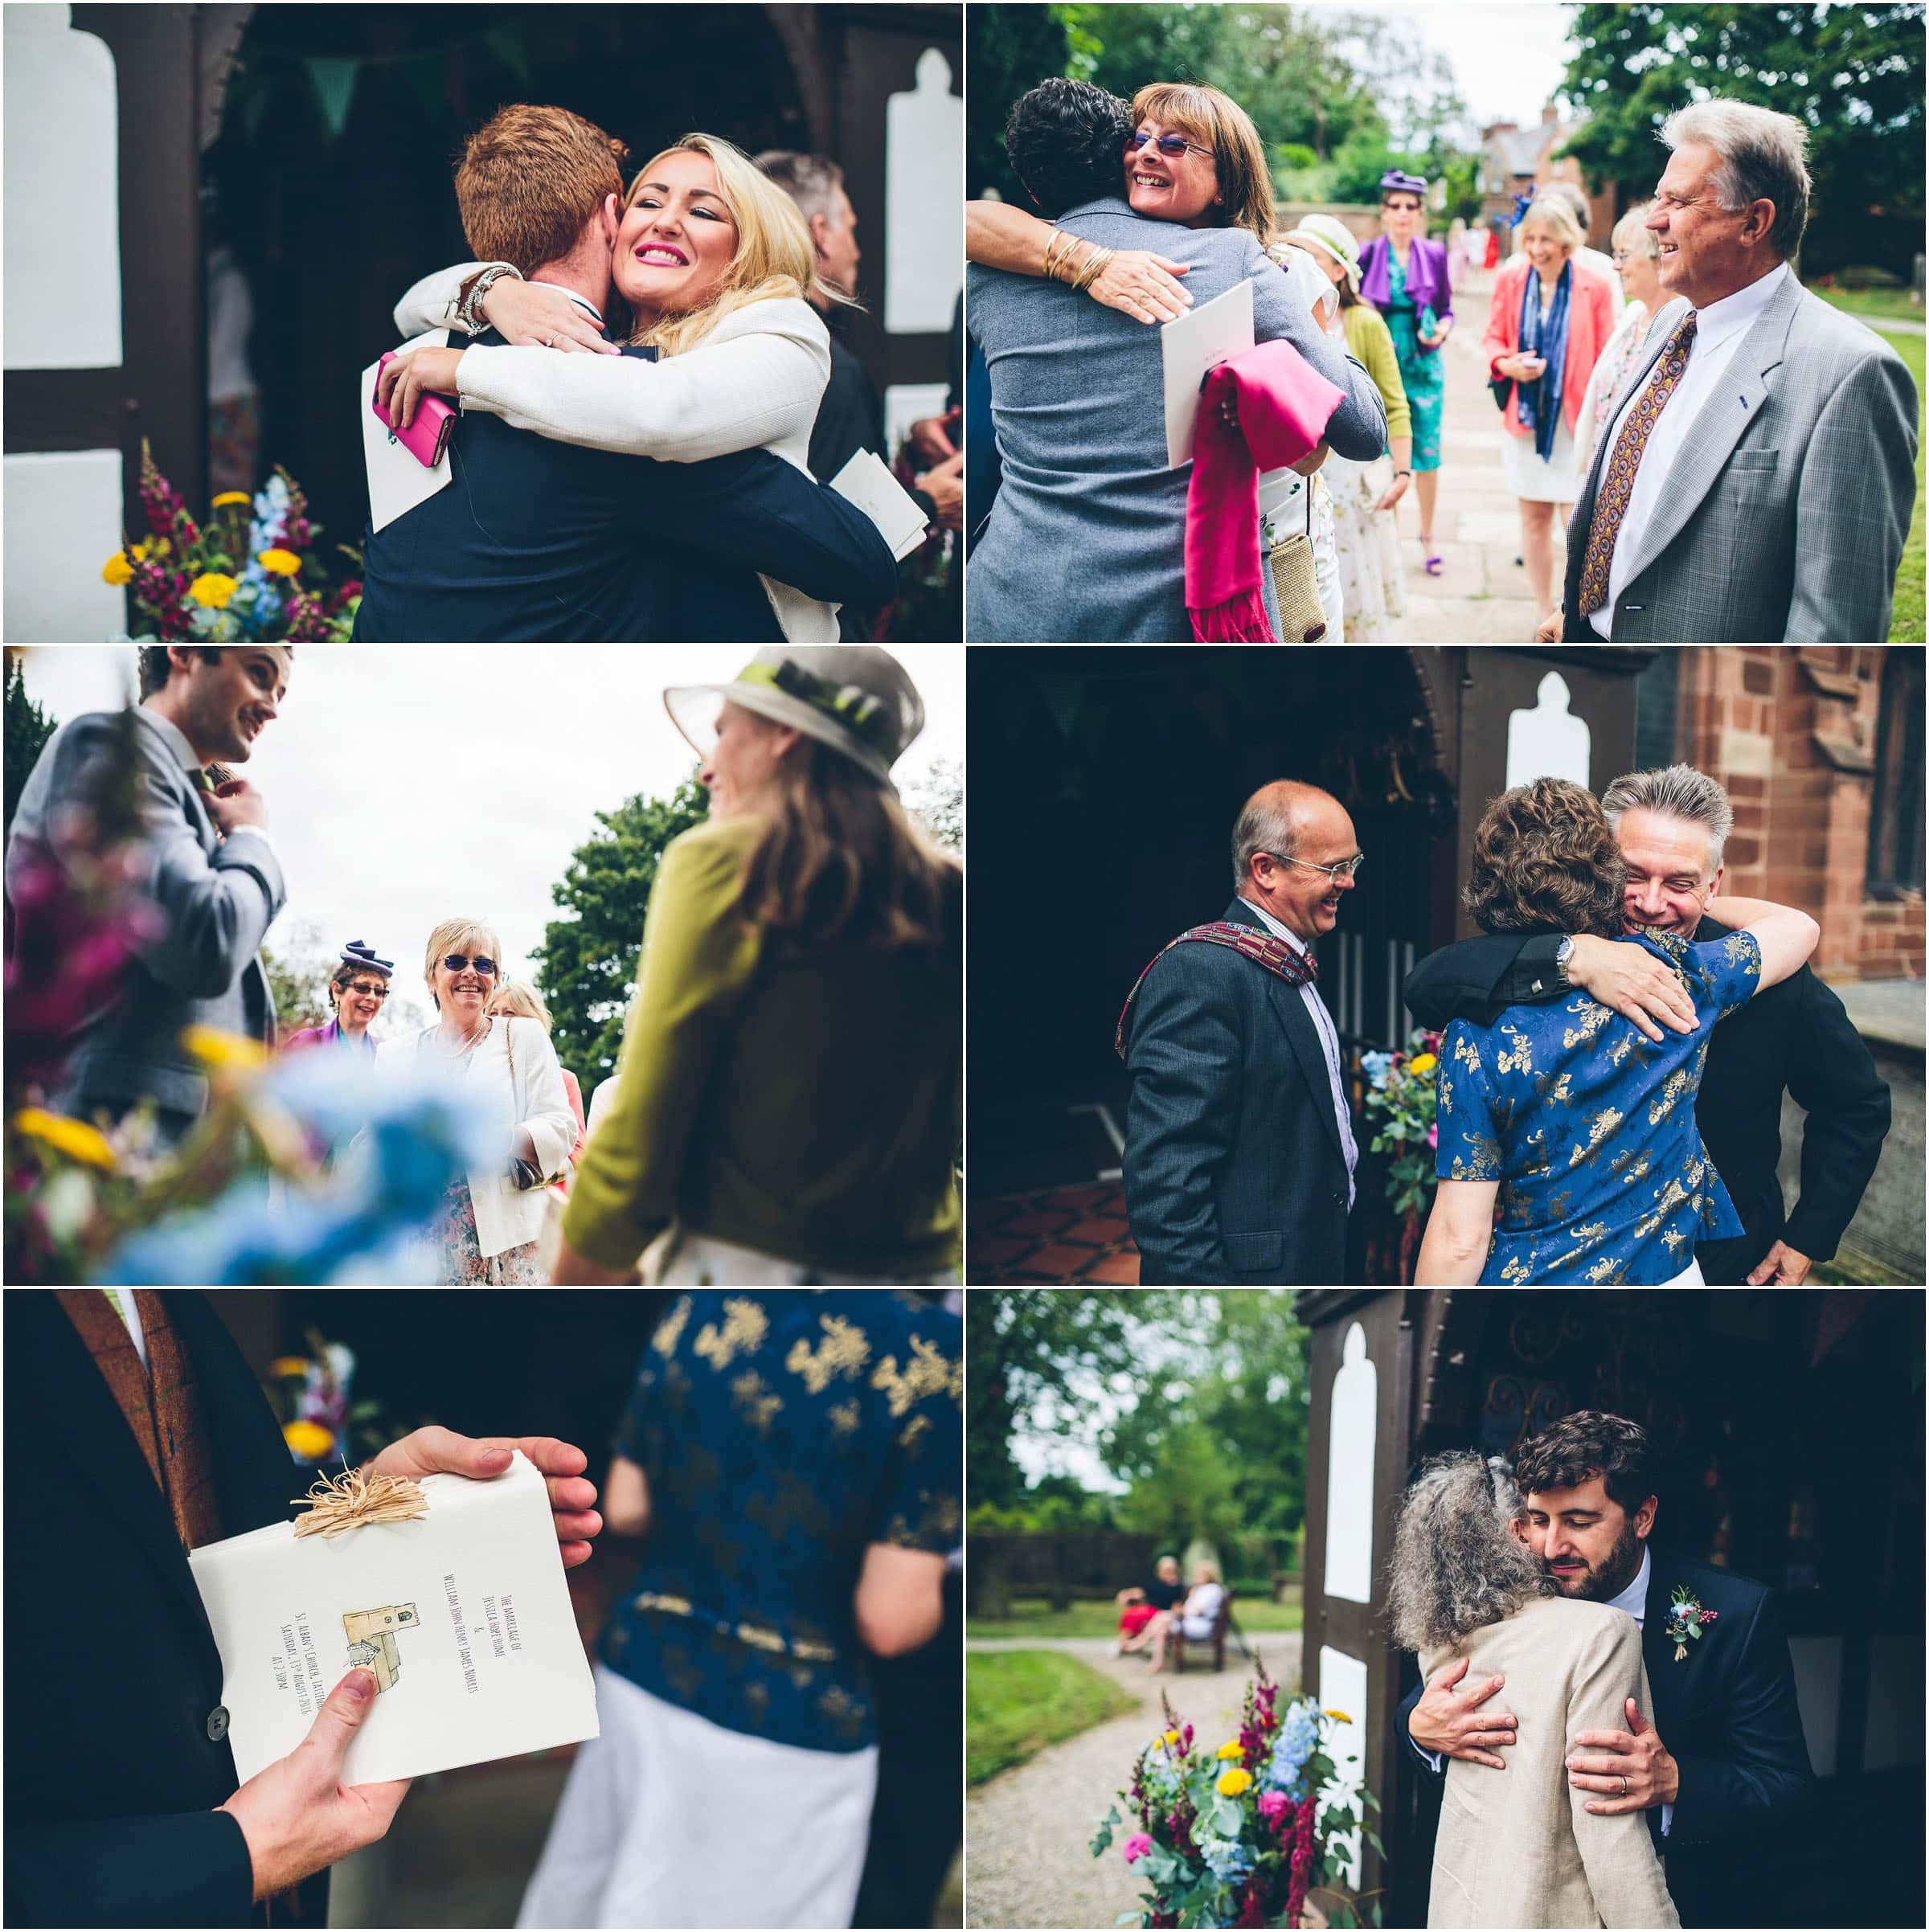 Harthill_Weddings_Wedding_Photography_0031